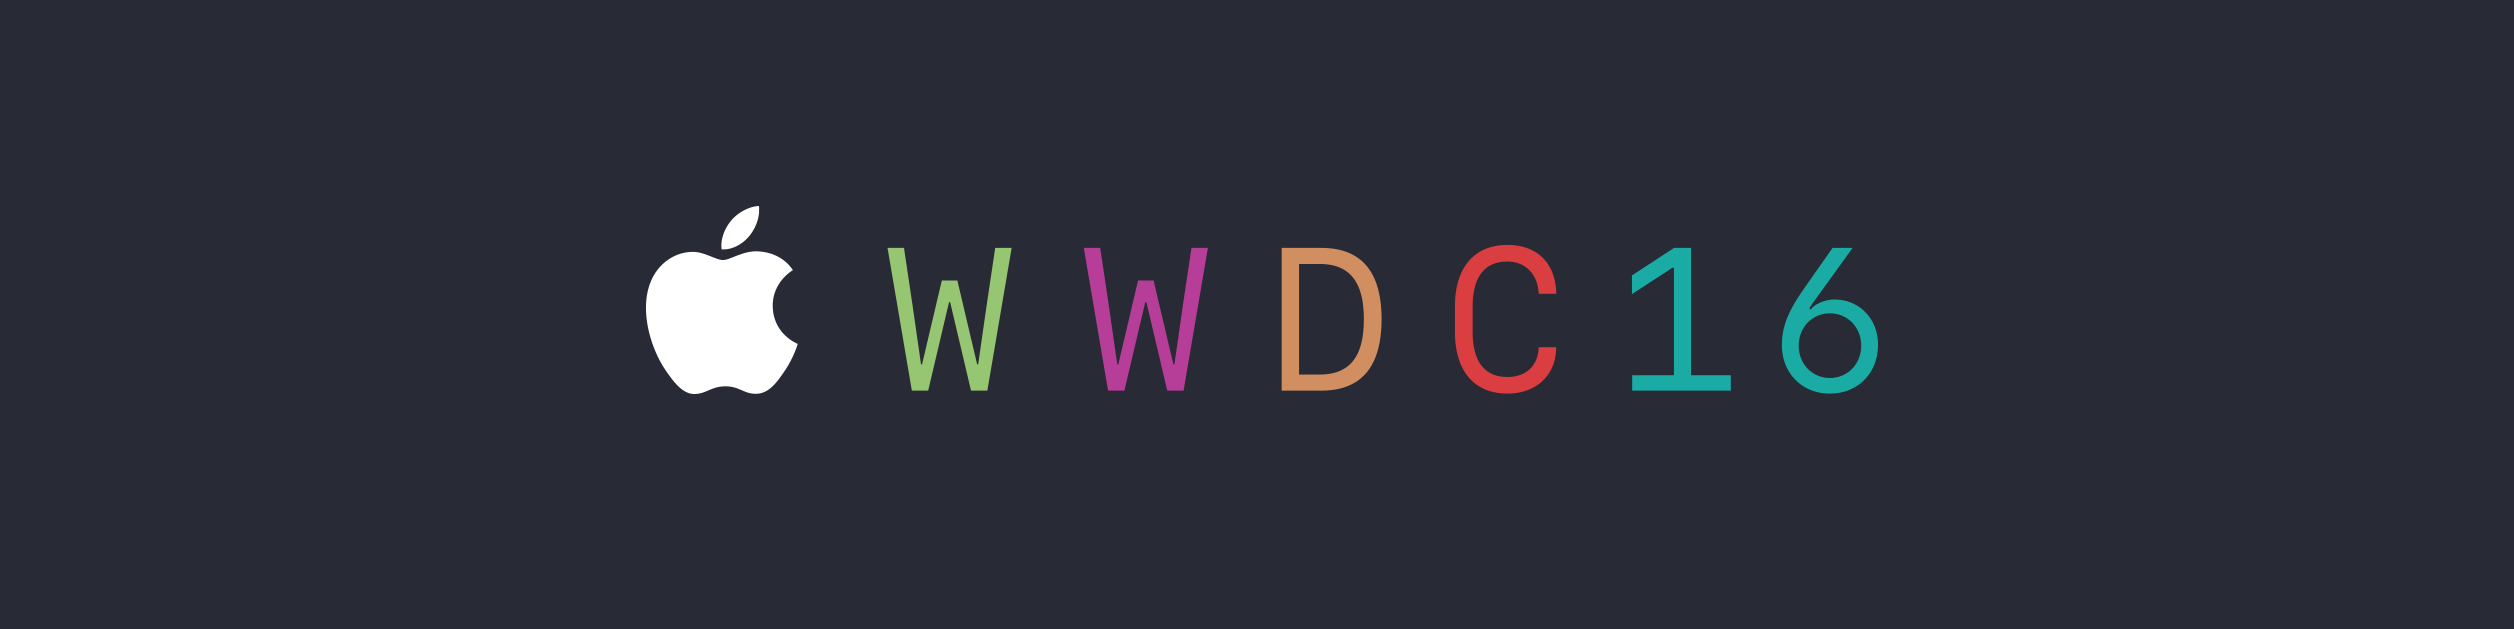 WWDC Banner